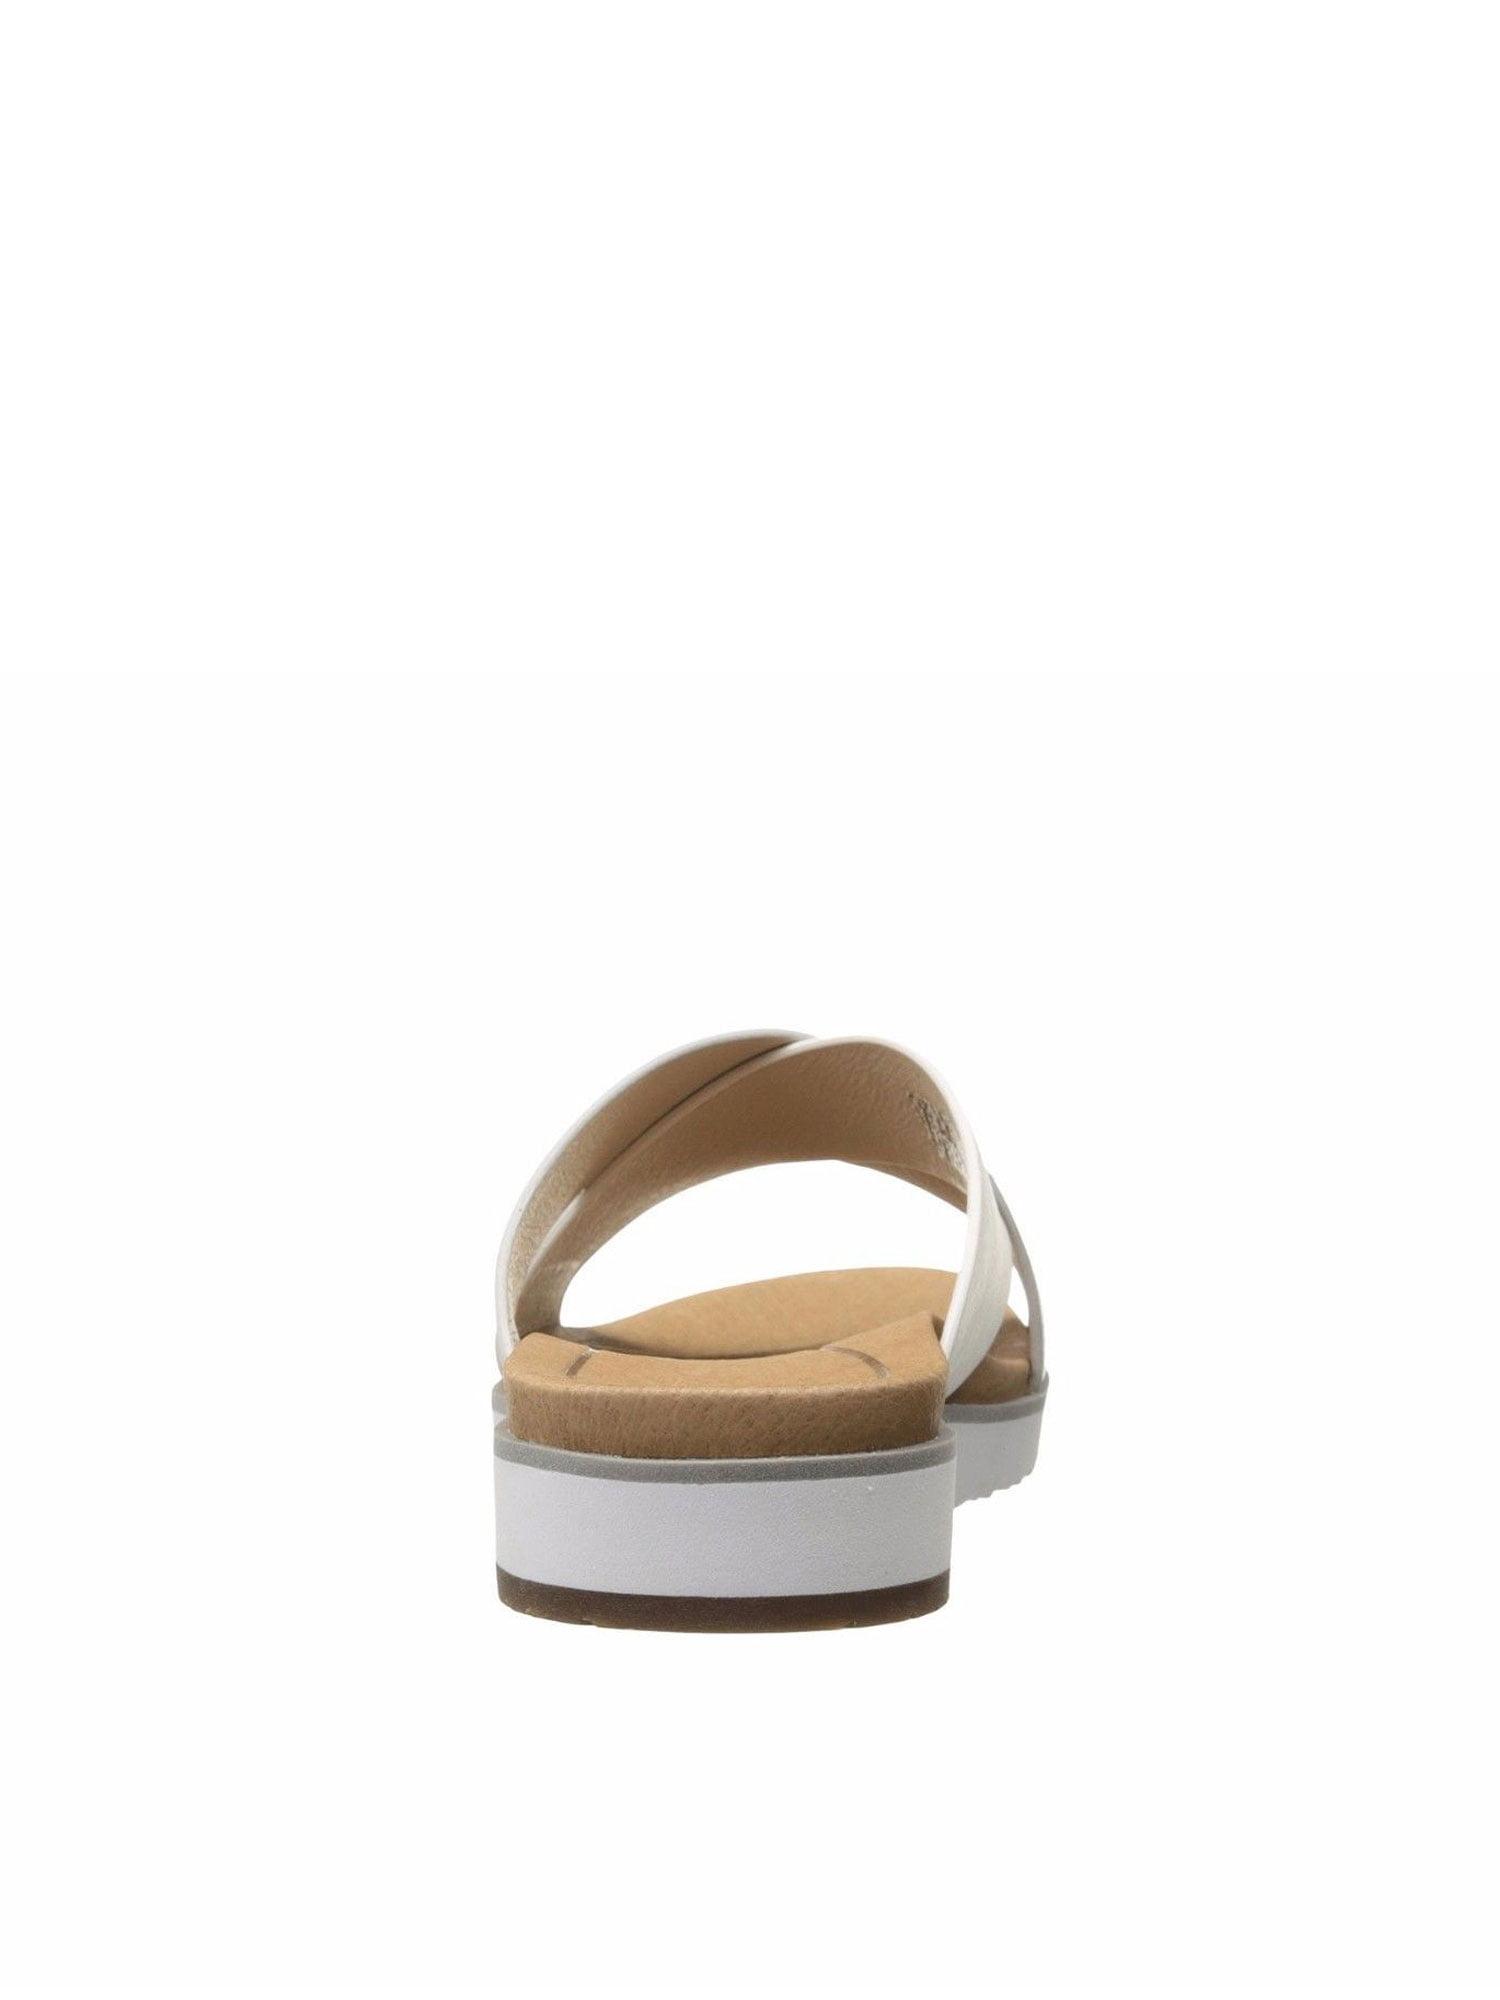 d63f329d316 UGG Kari Women's Crisscross Slip On Sandal 1018901